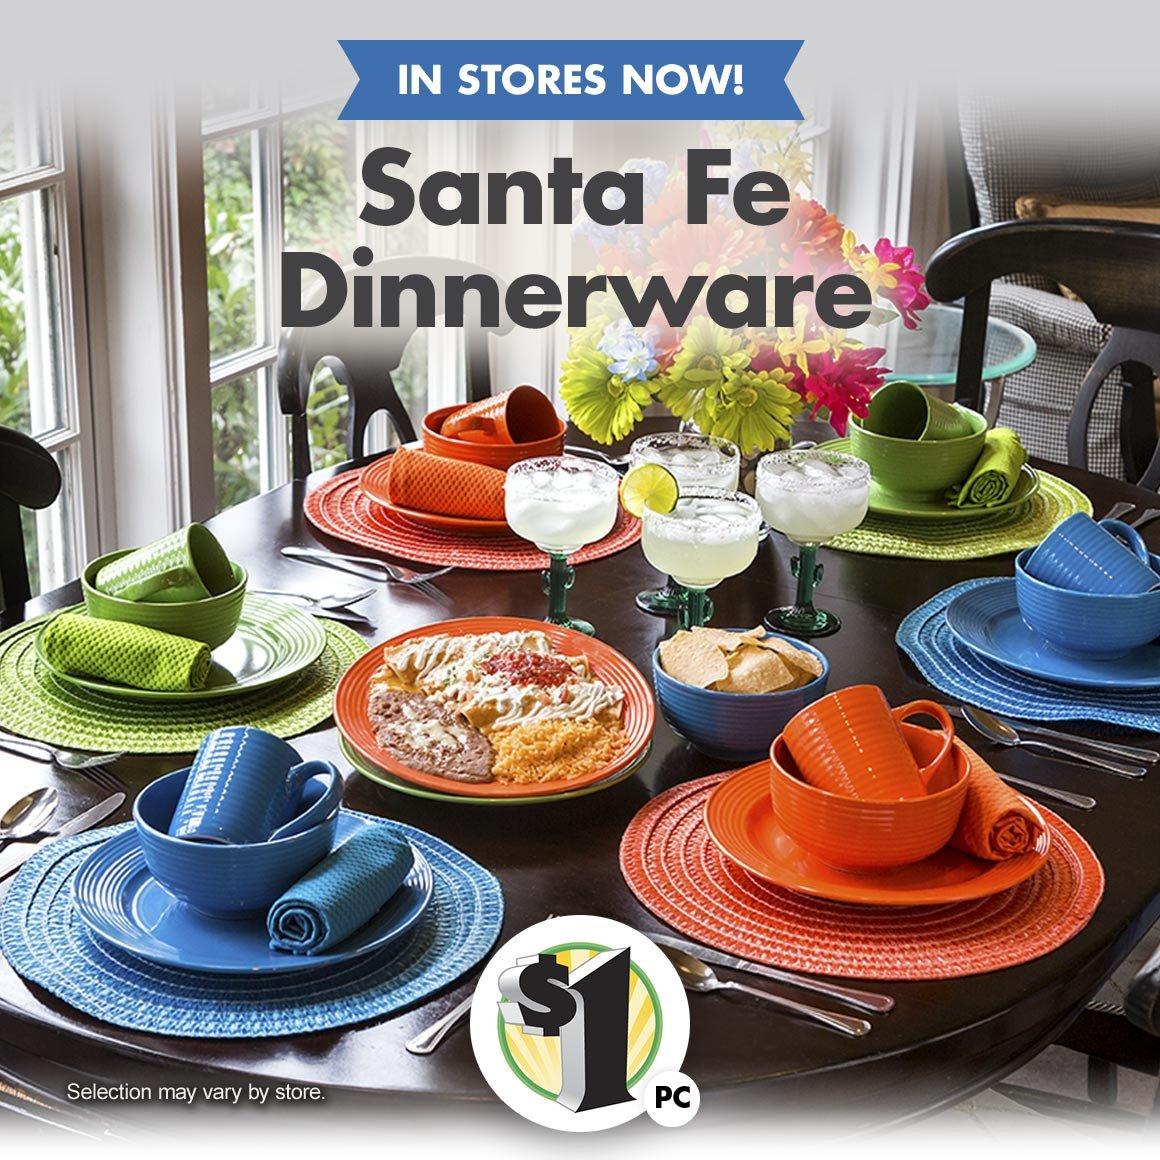 In Stores Now Santa Fe Dinnerware & Dollar Tree: Santa Fe Dinnerware is Back! | Milled